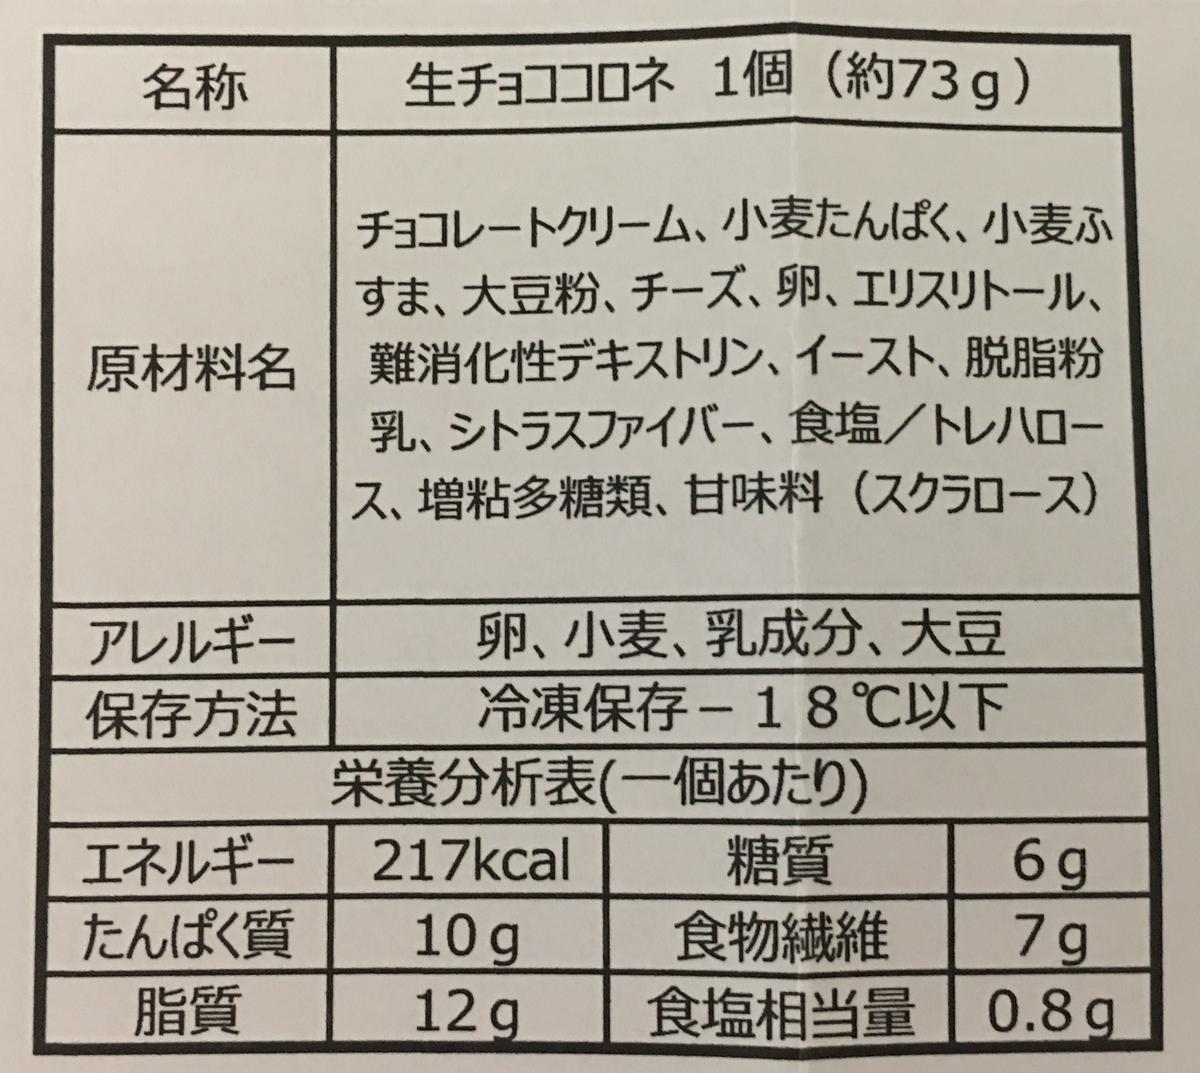 f:id:YOSHIO1010:20201224002740j:plain